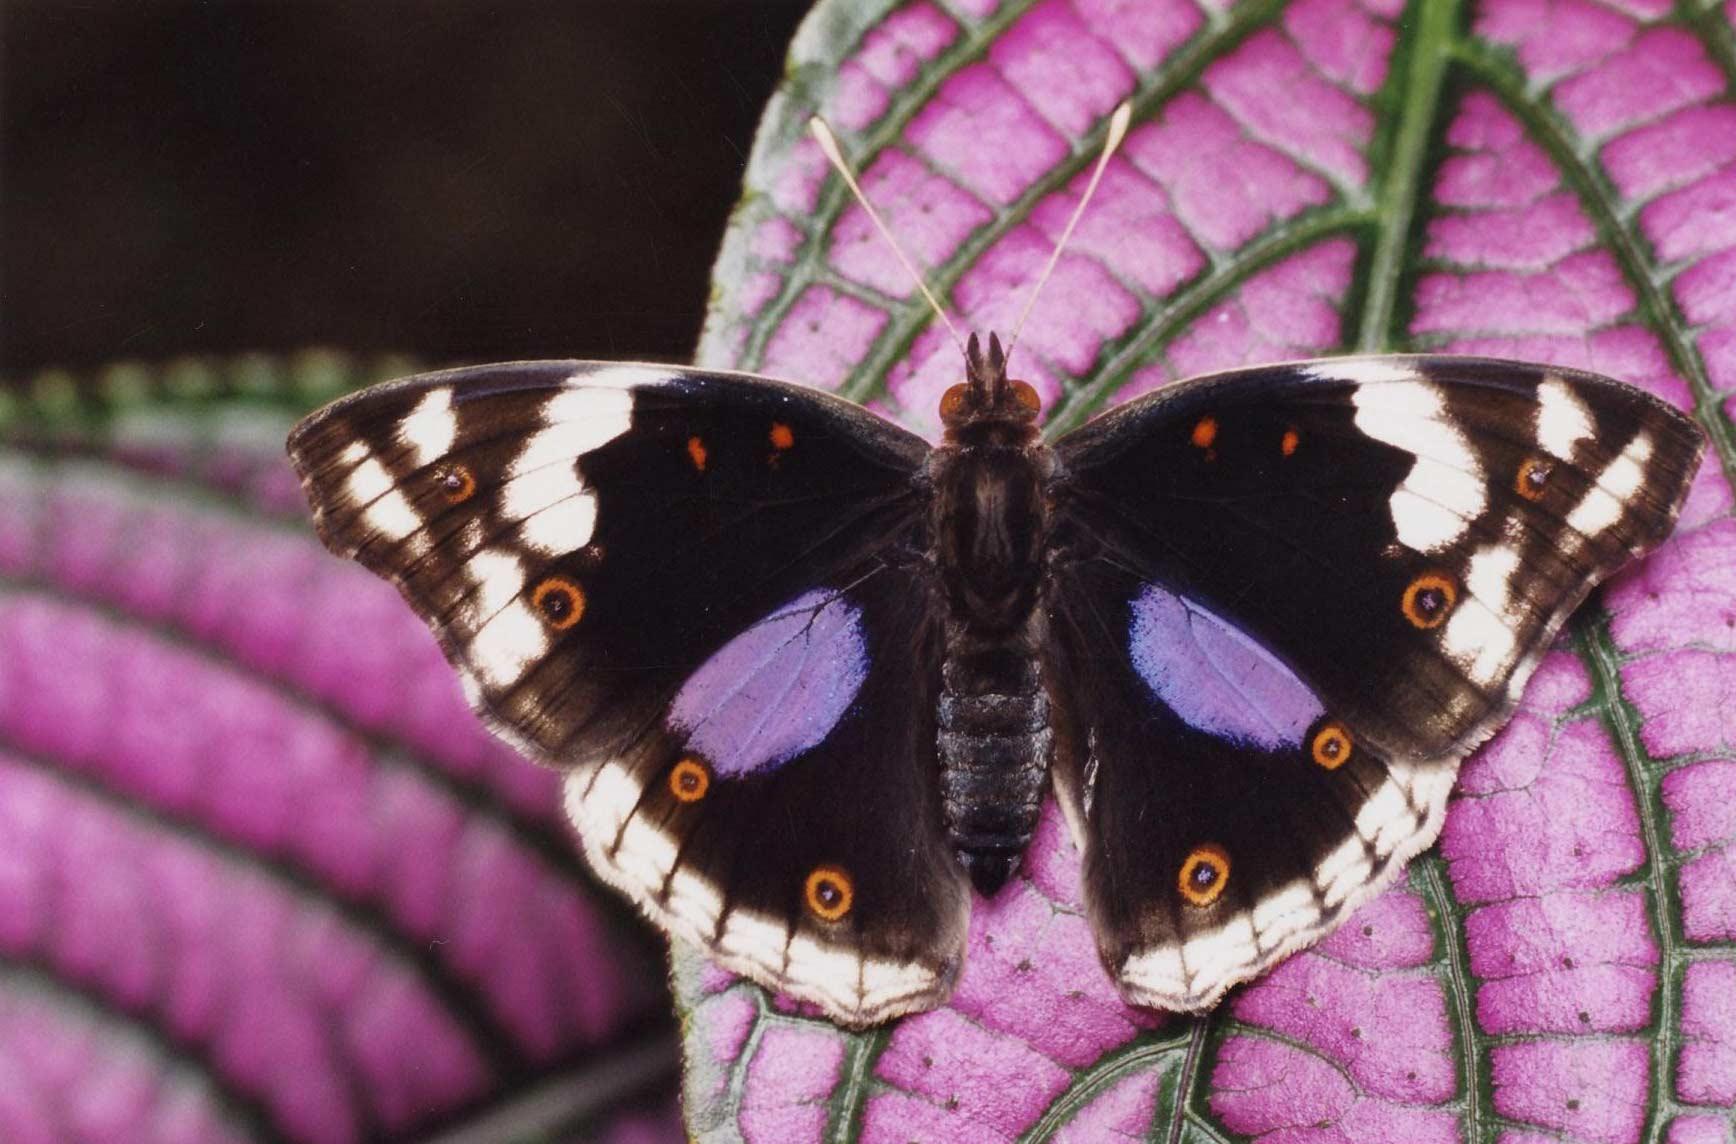 Naturospace honfleur jardin zoo serre papillons normandie - Images de papillon ...